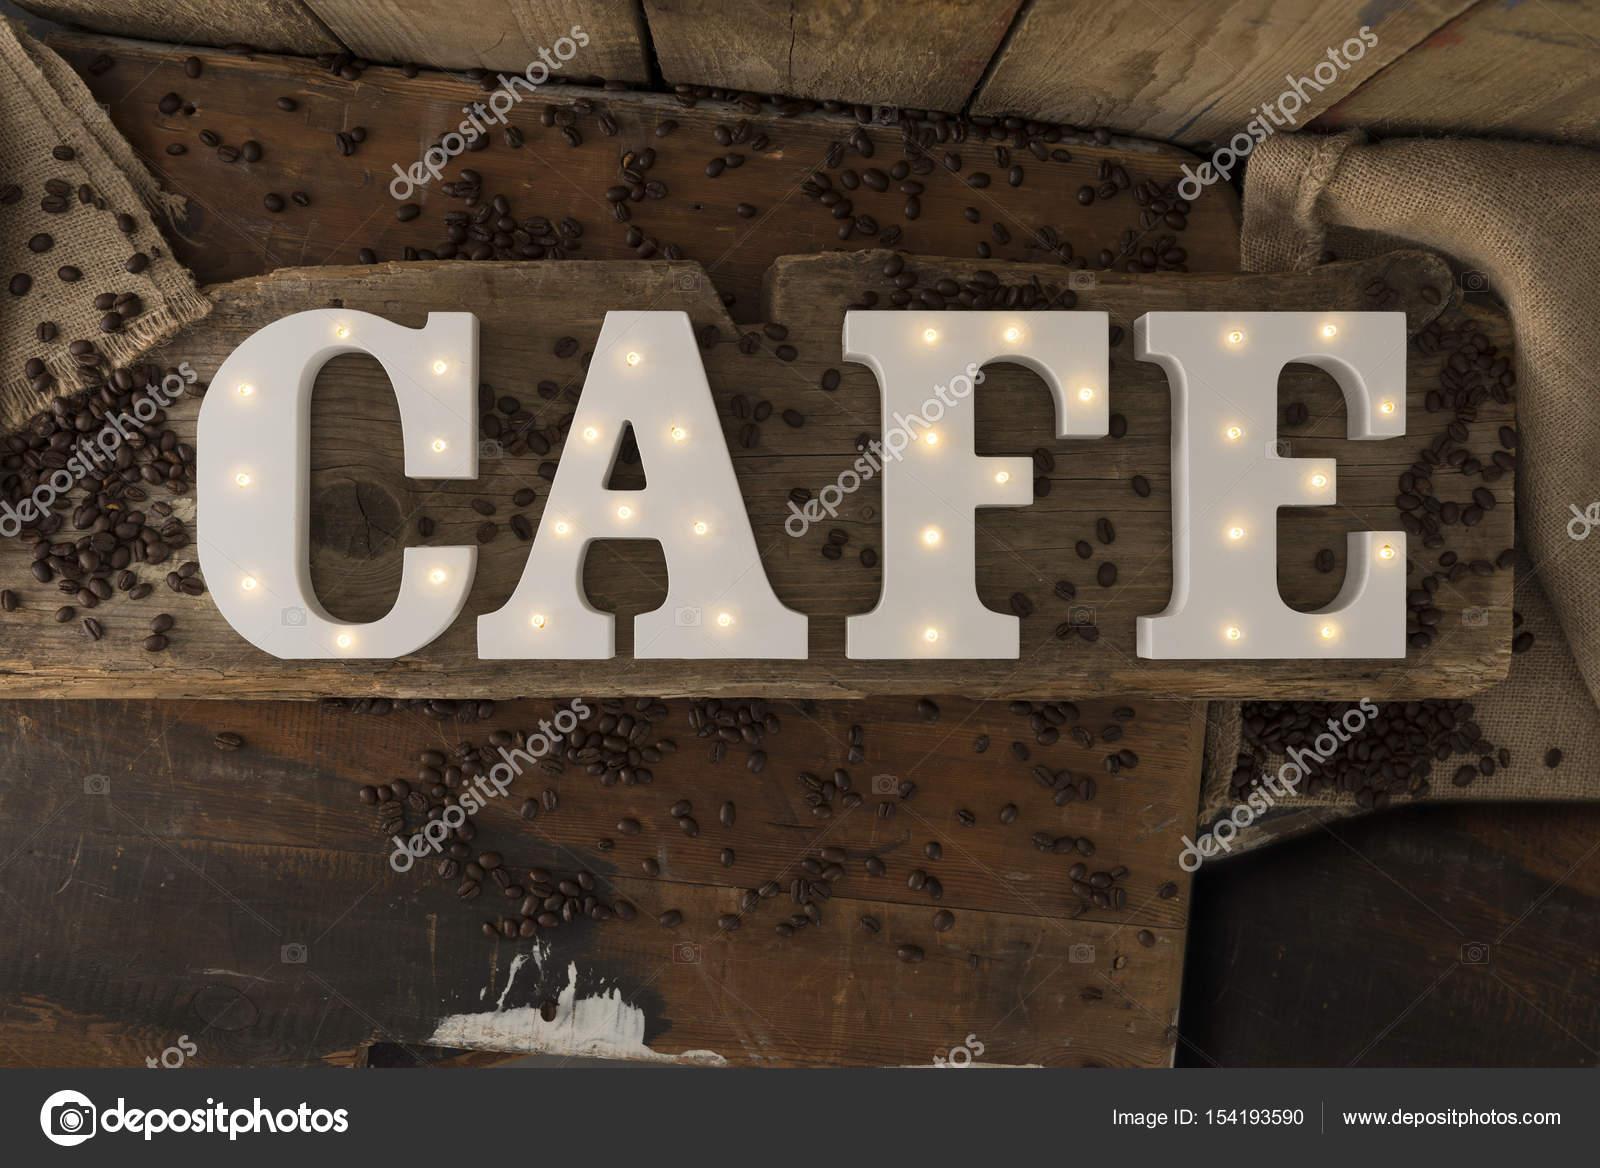 fec044eb2bf6 Διακοσμητικά γράμματα με φωτιζόμενο ενσωματωμένα φώτα Led συλλαβίζετε τη  λέξη Cafe περιβάλλεται από κόκκους καφέ ρουστίκ ξύλινα φόντο — Εικόνα από  ...